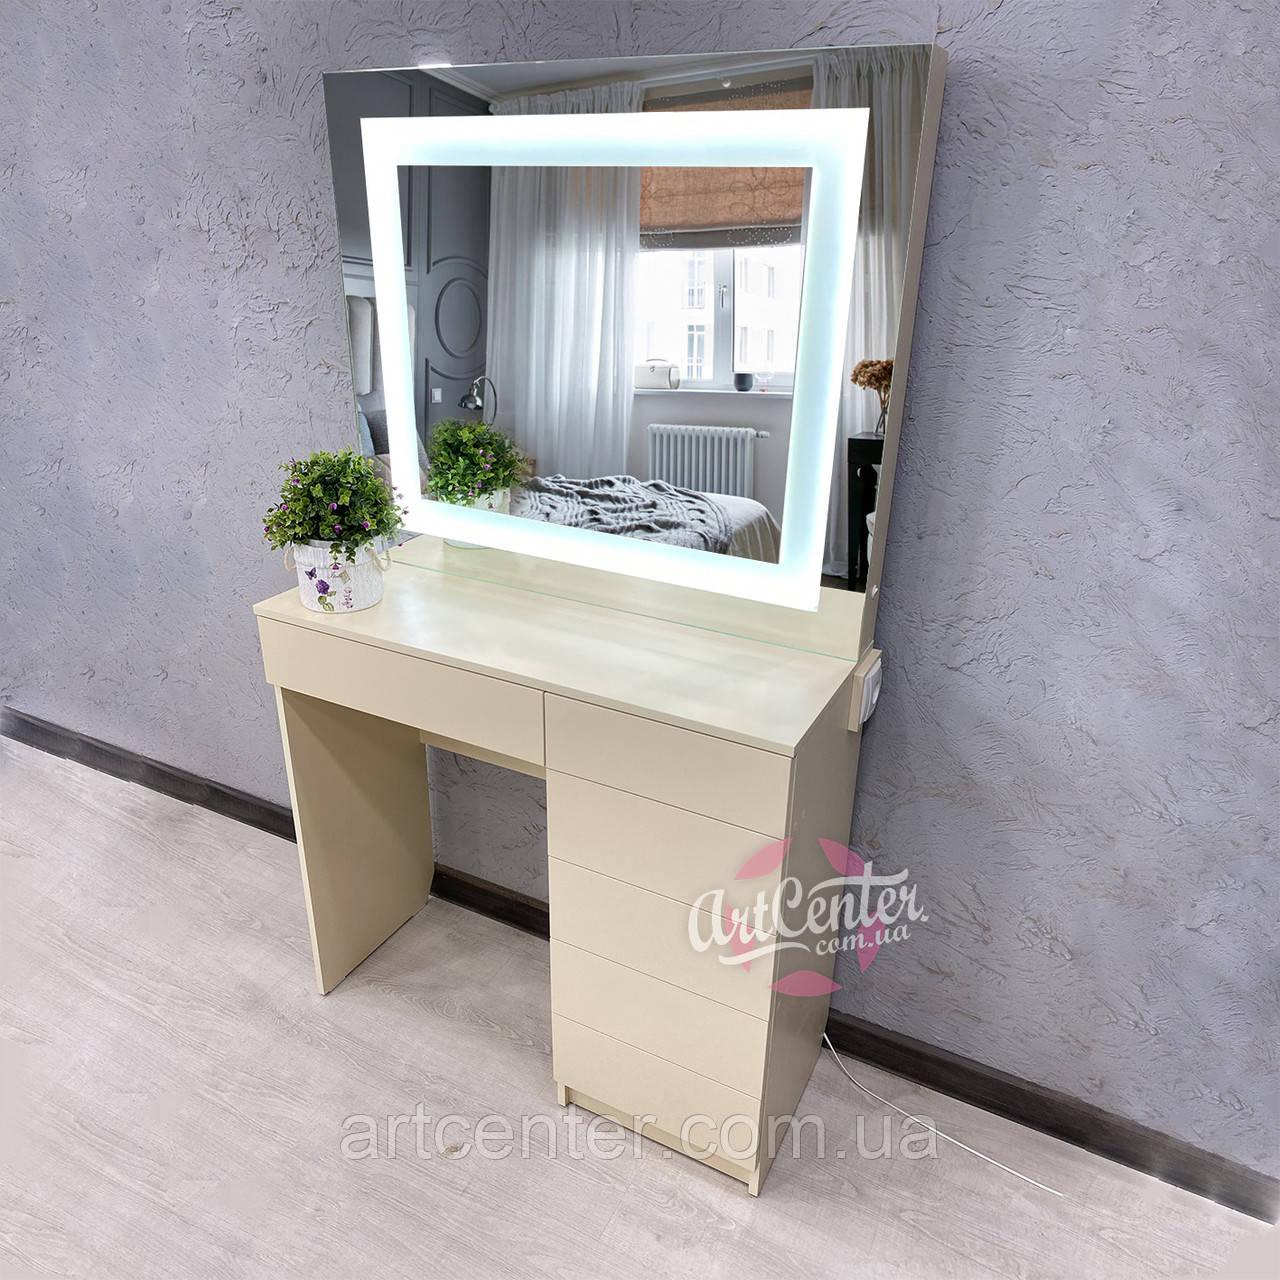 Стіл для візажиста, дзеркало з підсвічуванням